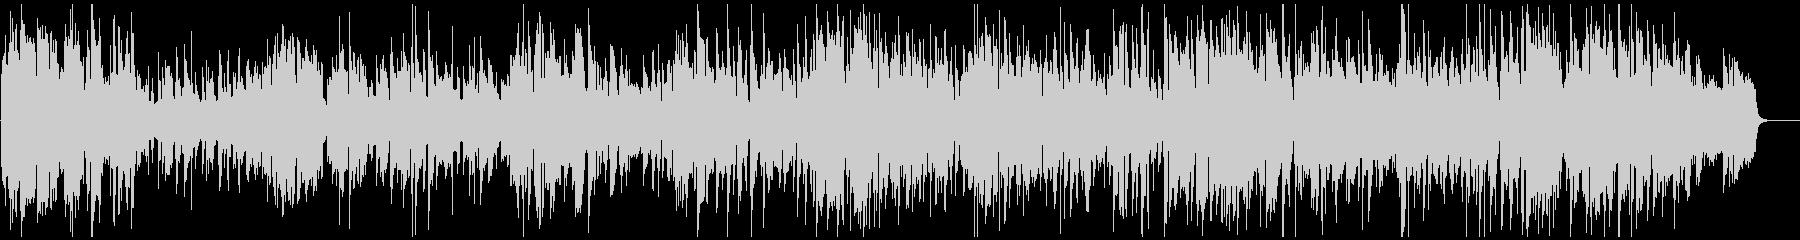 サックス、オルガン、ドラムのジャズトリオの未再生の波形